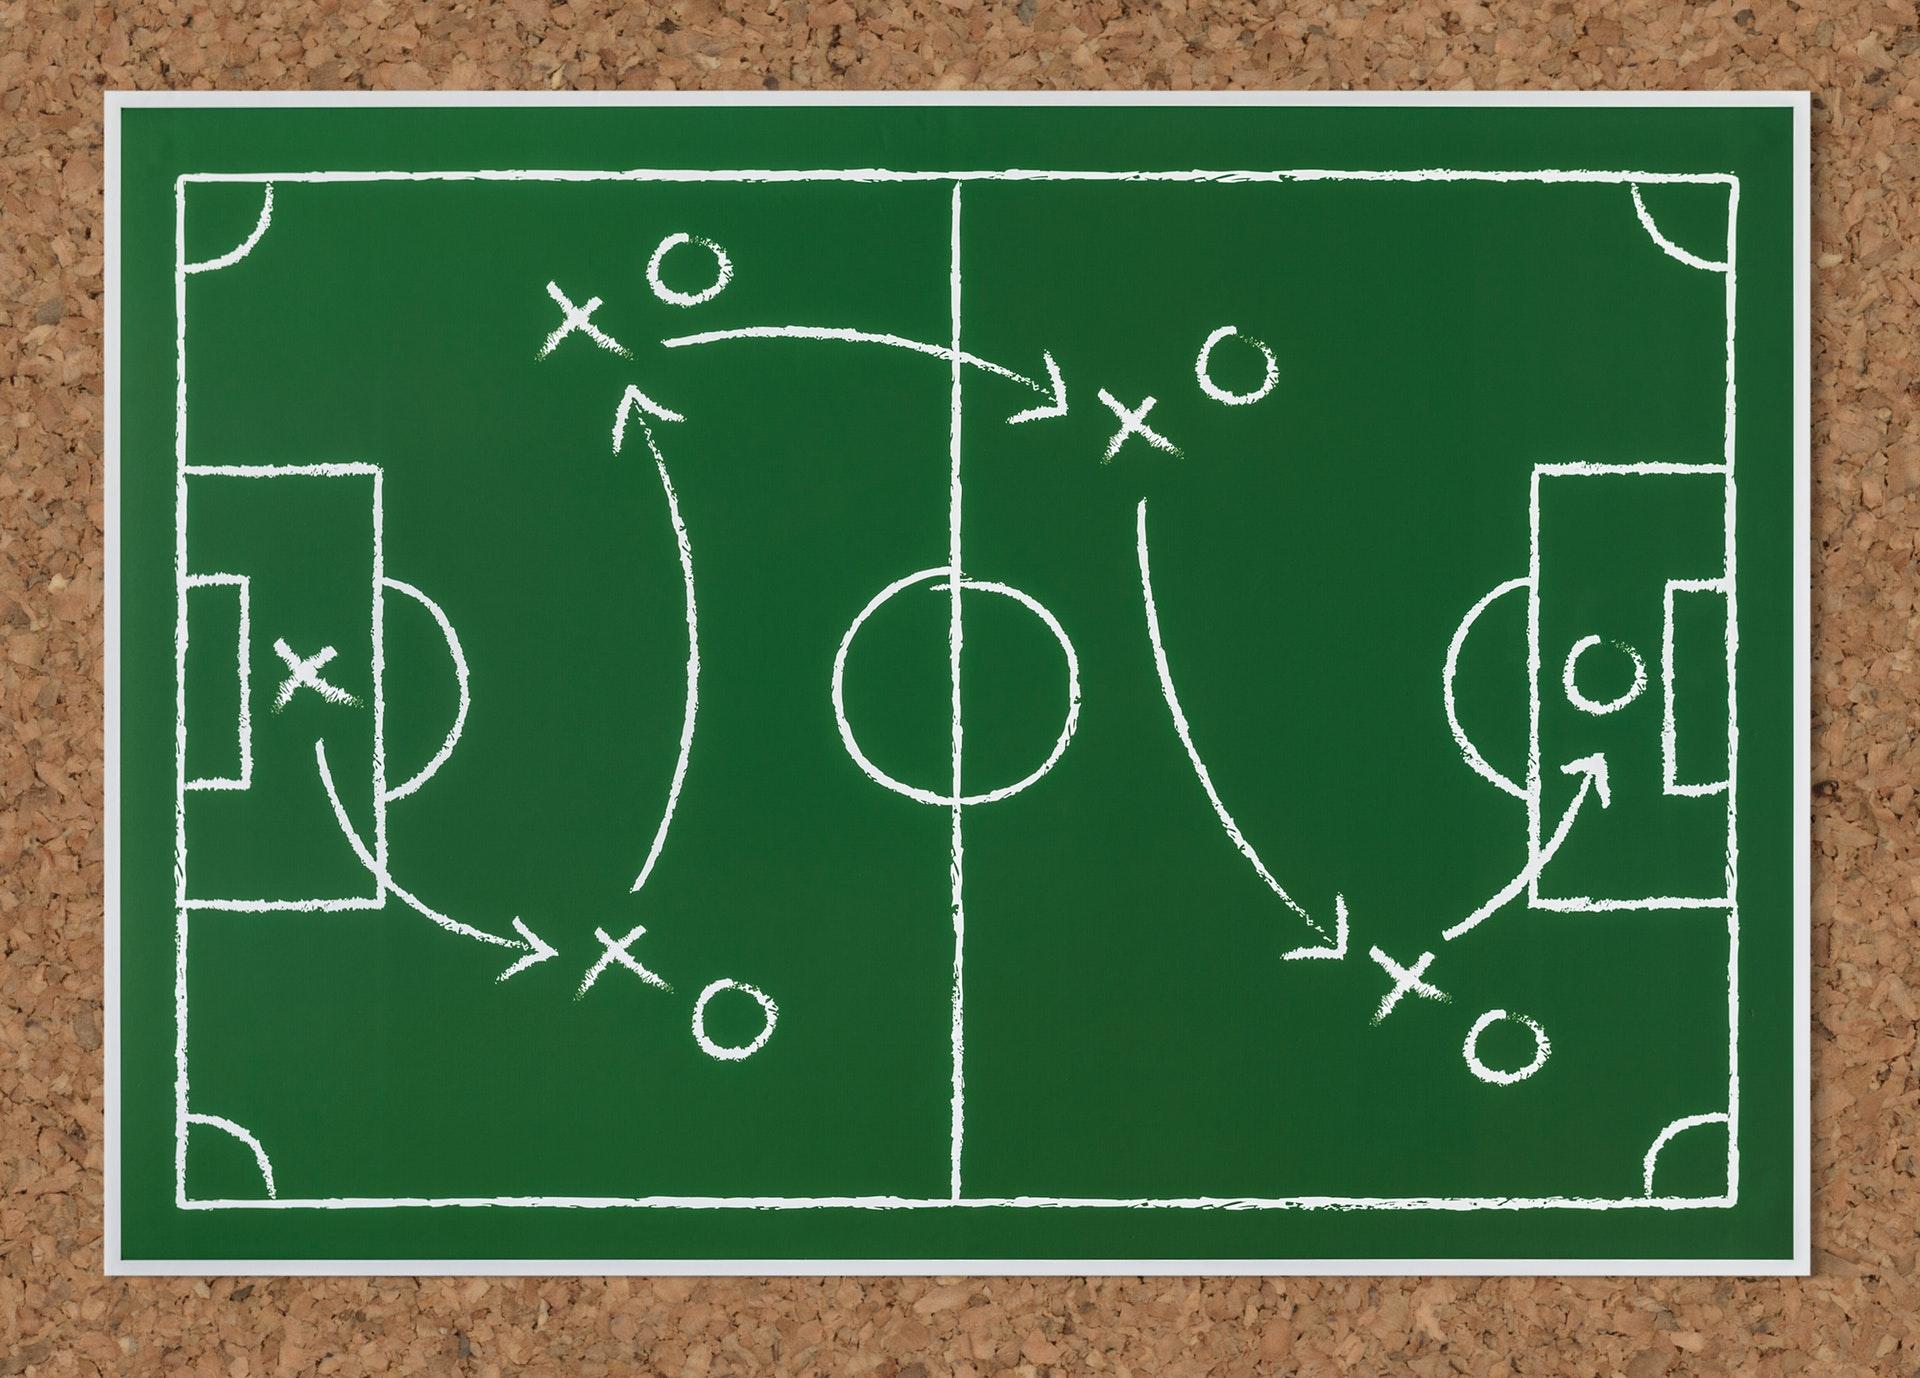 サッカーの基礎戦術